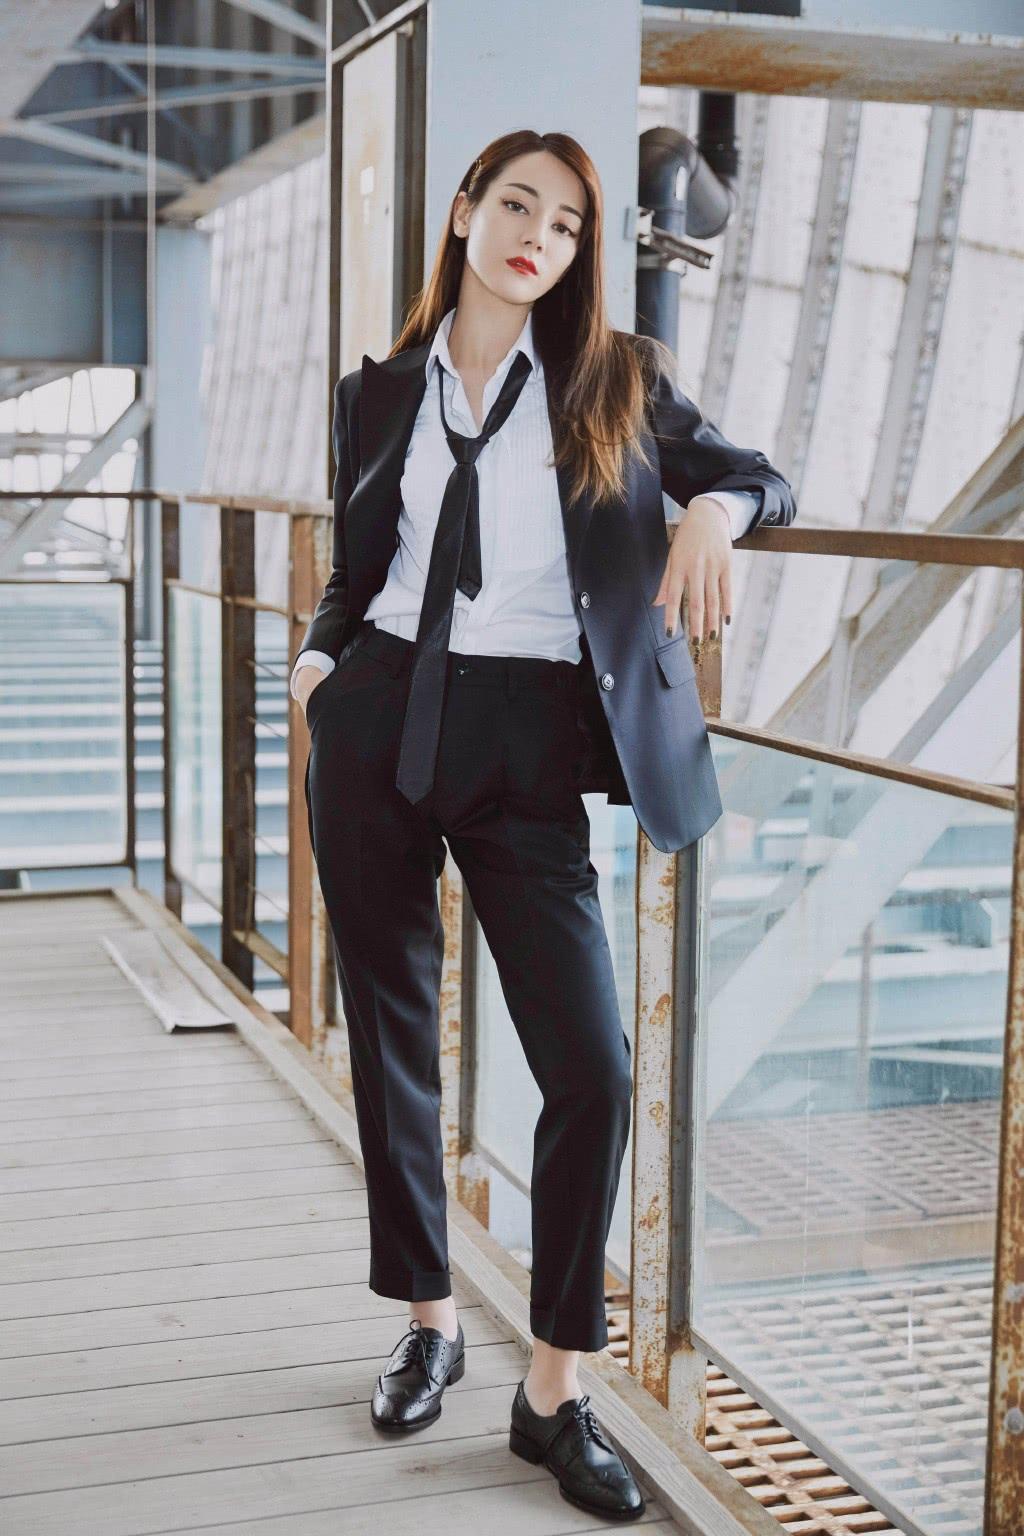 迪丽热巴变撩人小姐姐,衬衫西装配领带,尽显不羁性格攻气十足